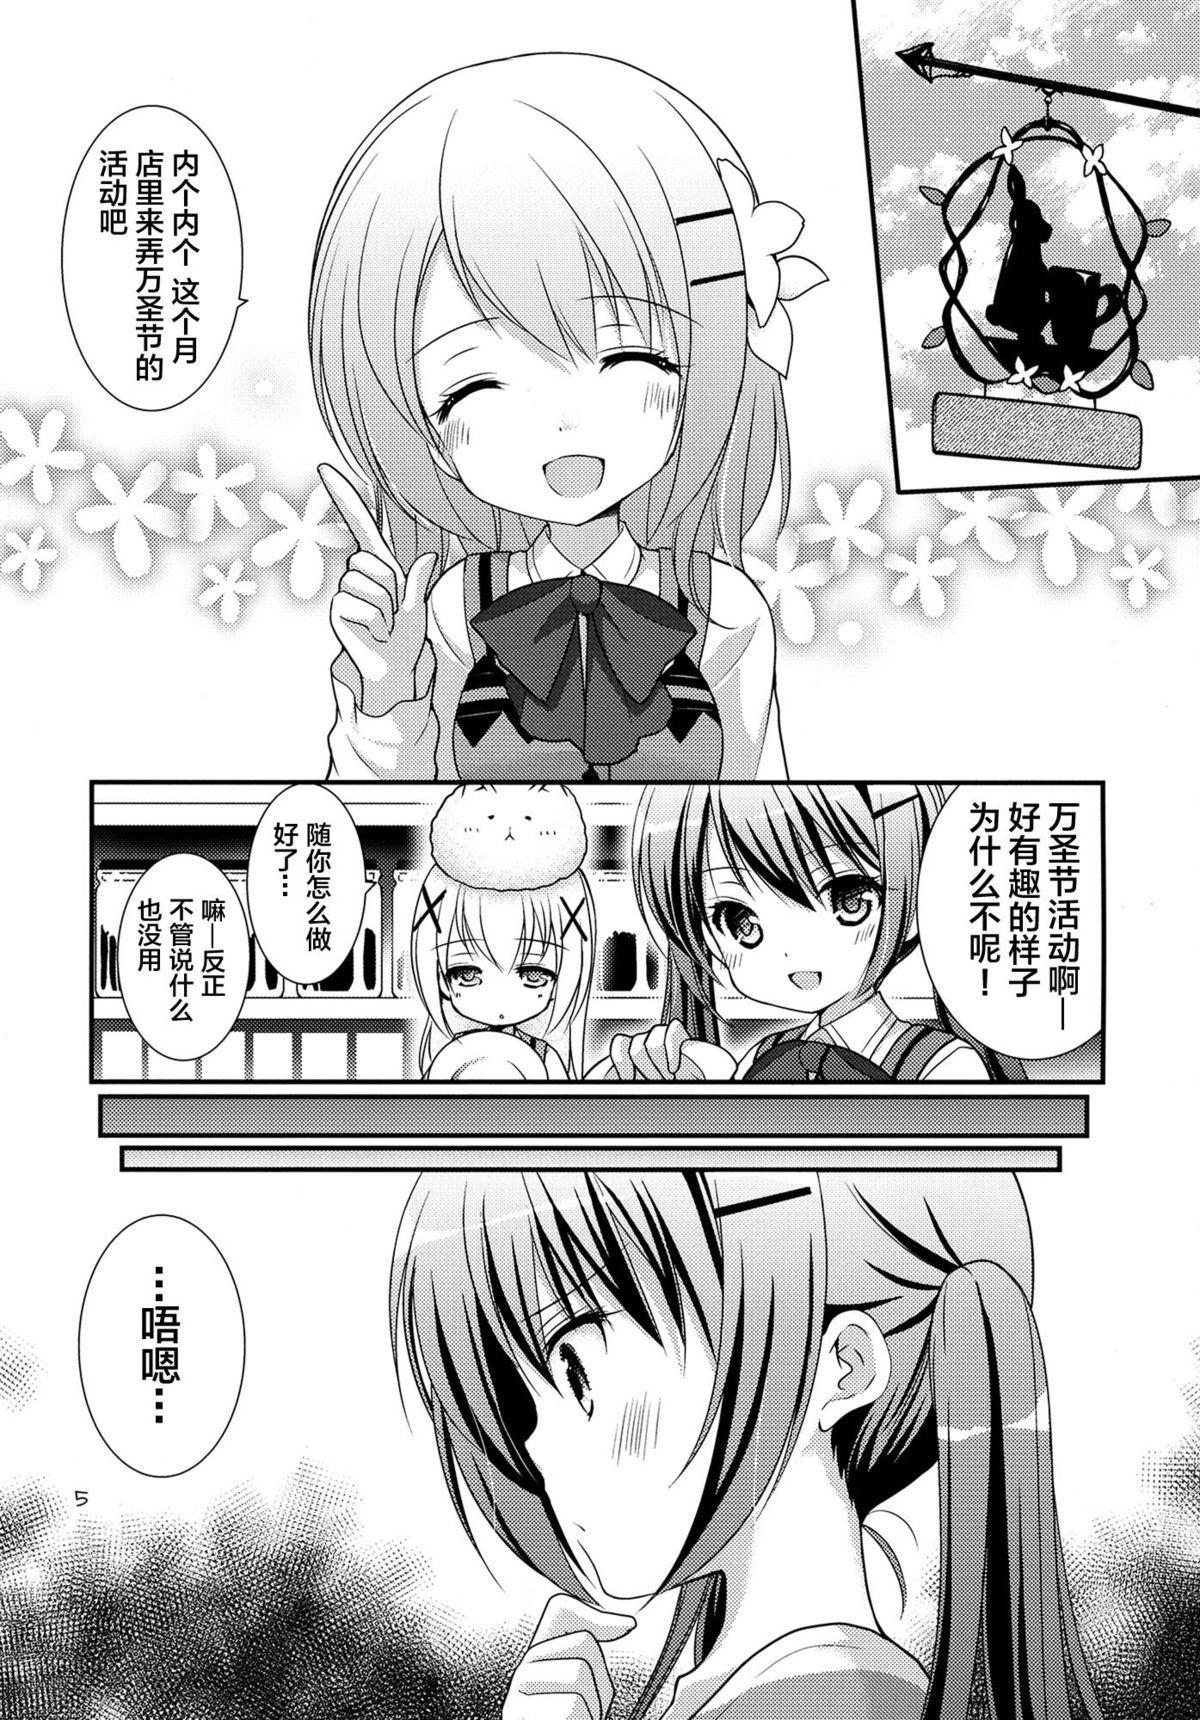 Sharo to Rize no Himitsu no Lesson 4